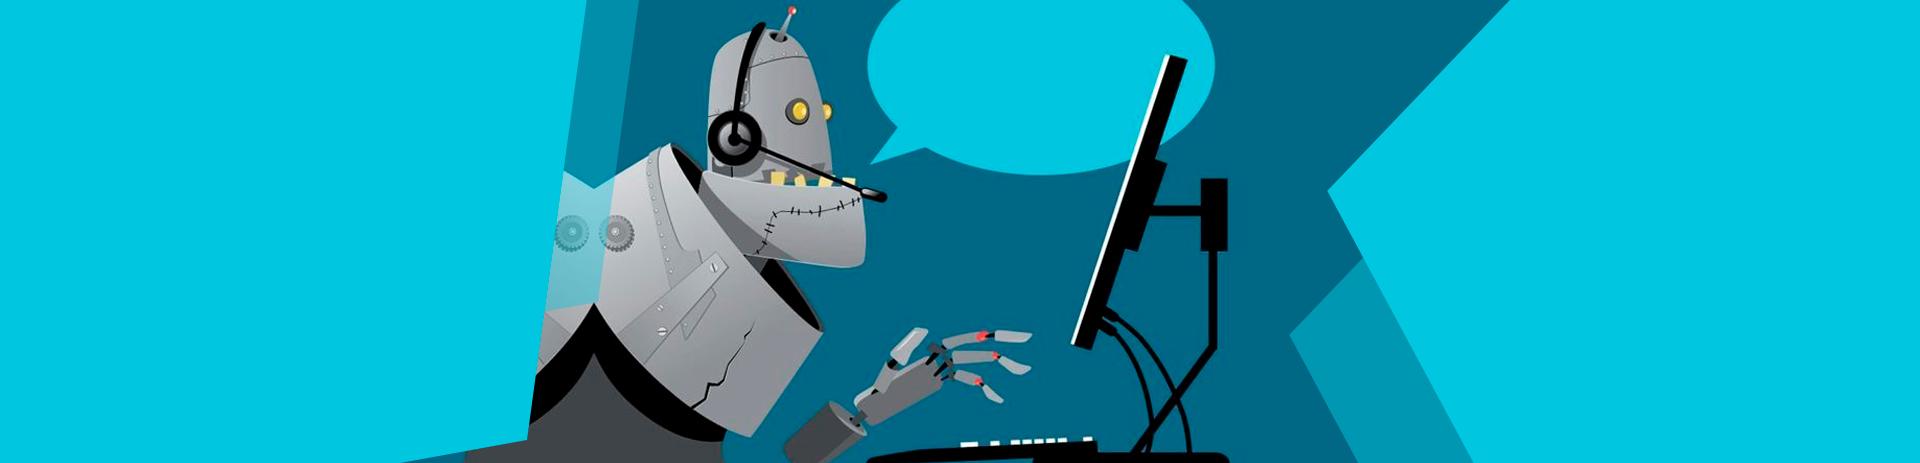 Преимущества автоматизированного подбора персонала